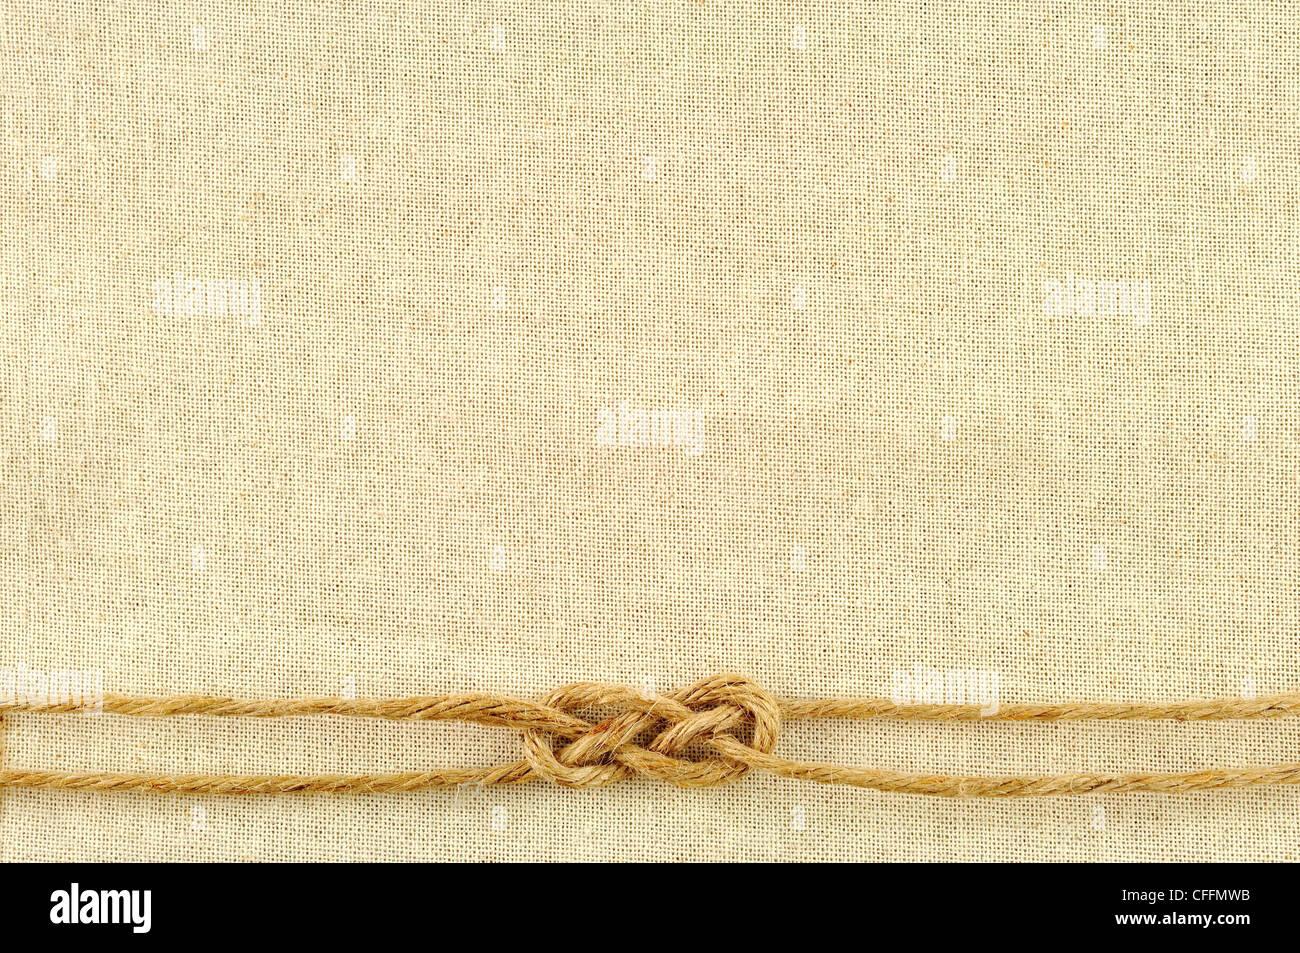 Marco de cuerdas con una tela de arpillera Foto & Imagen De Stock ...